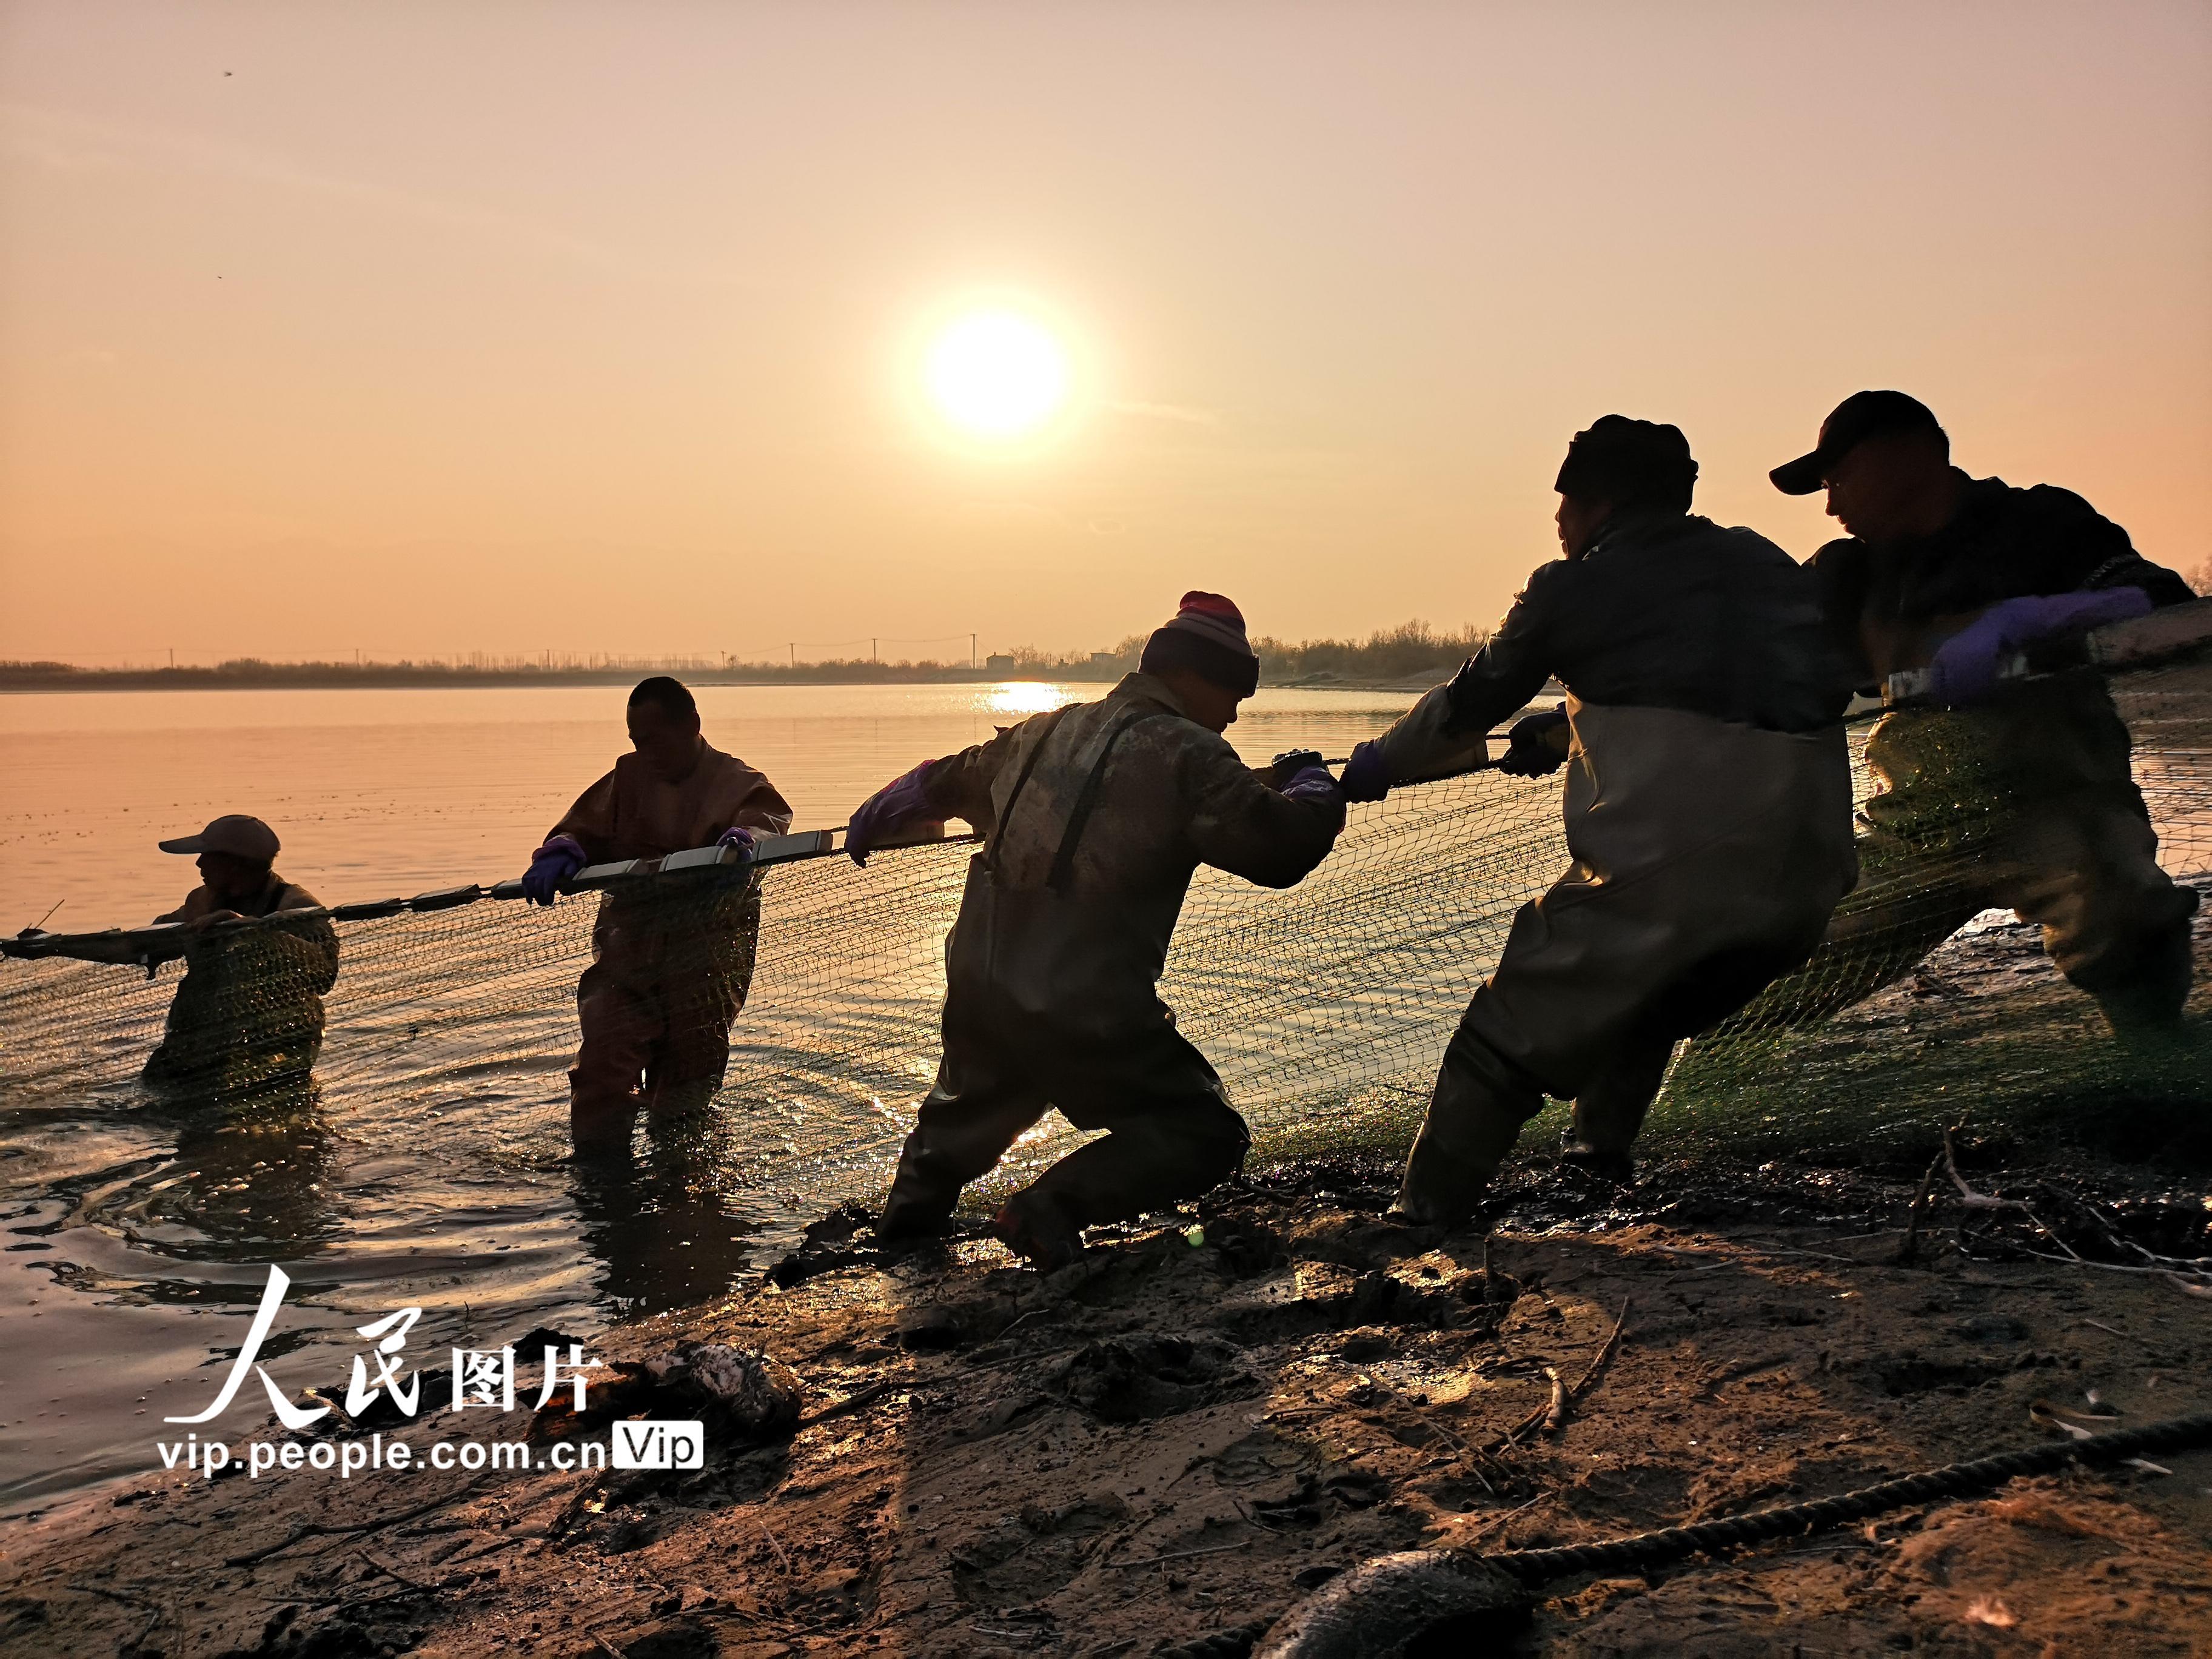 甘肃临泽:农民养鱼助力增收【4】